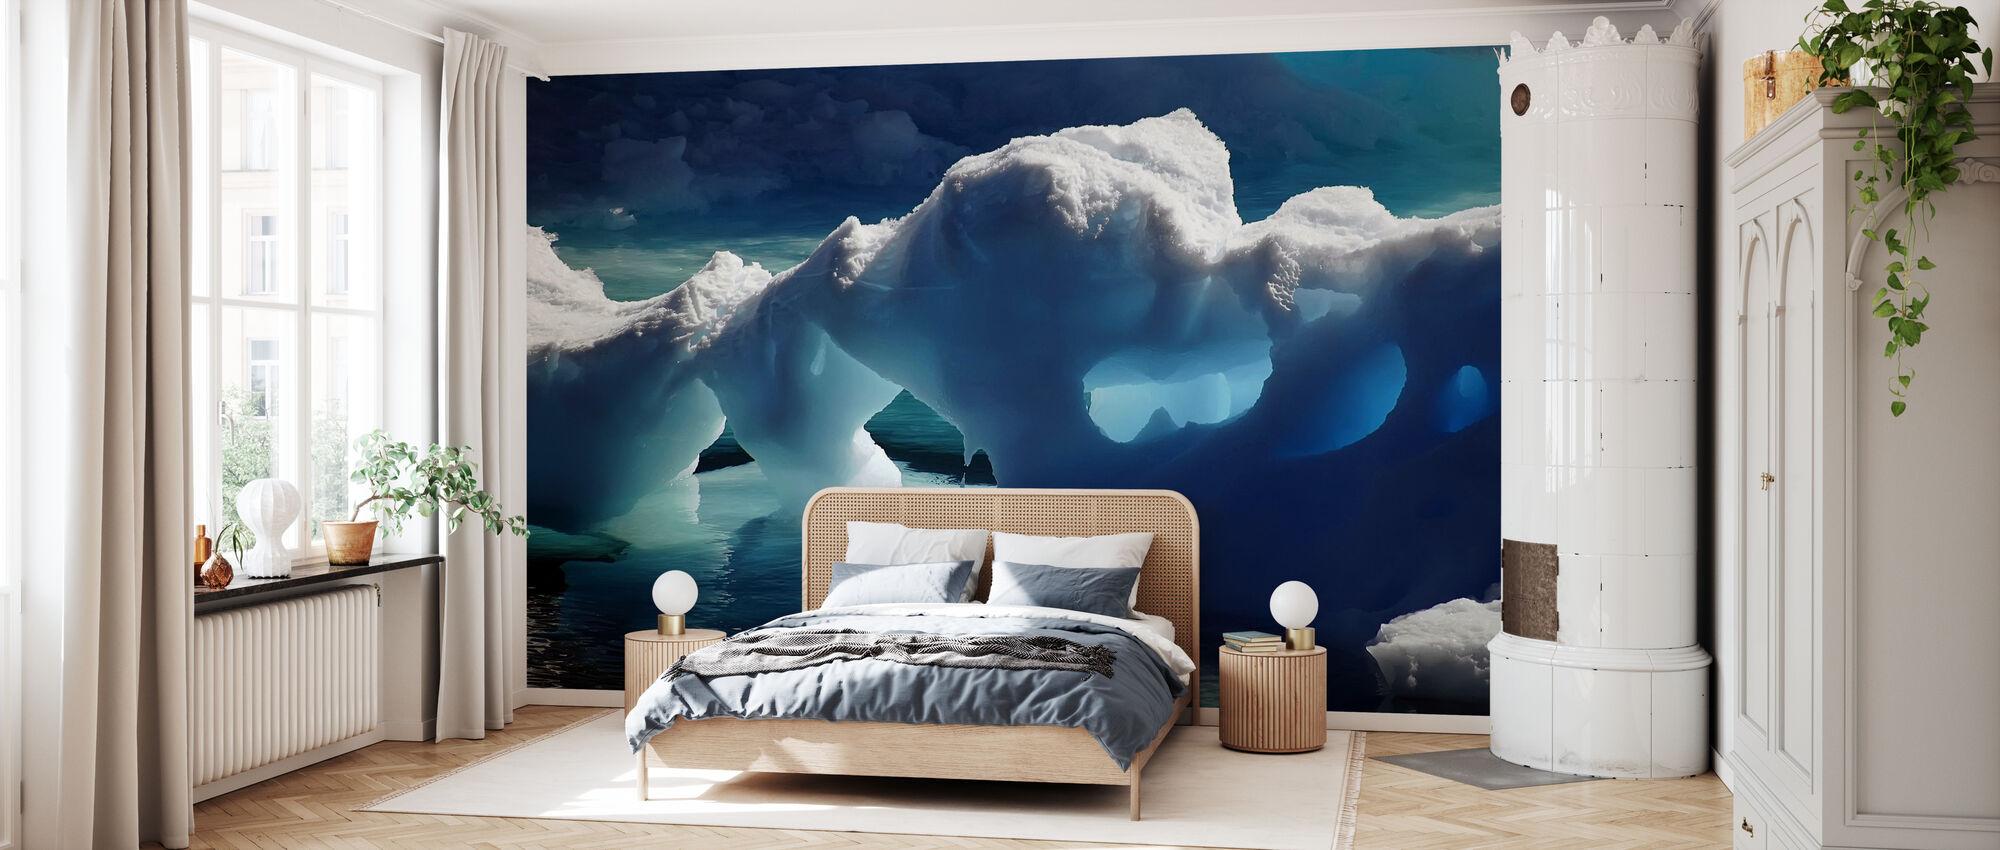 Antarctische ijsgrotten - Behang - Slaapkamer